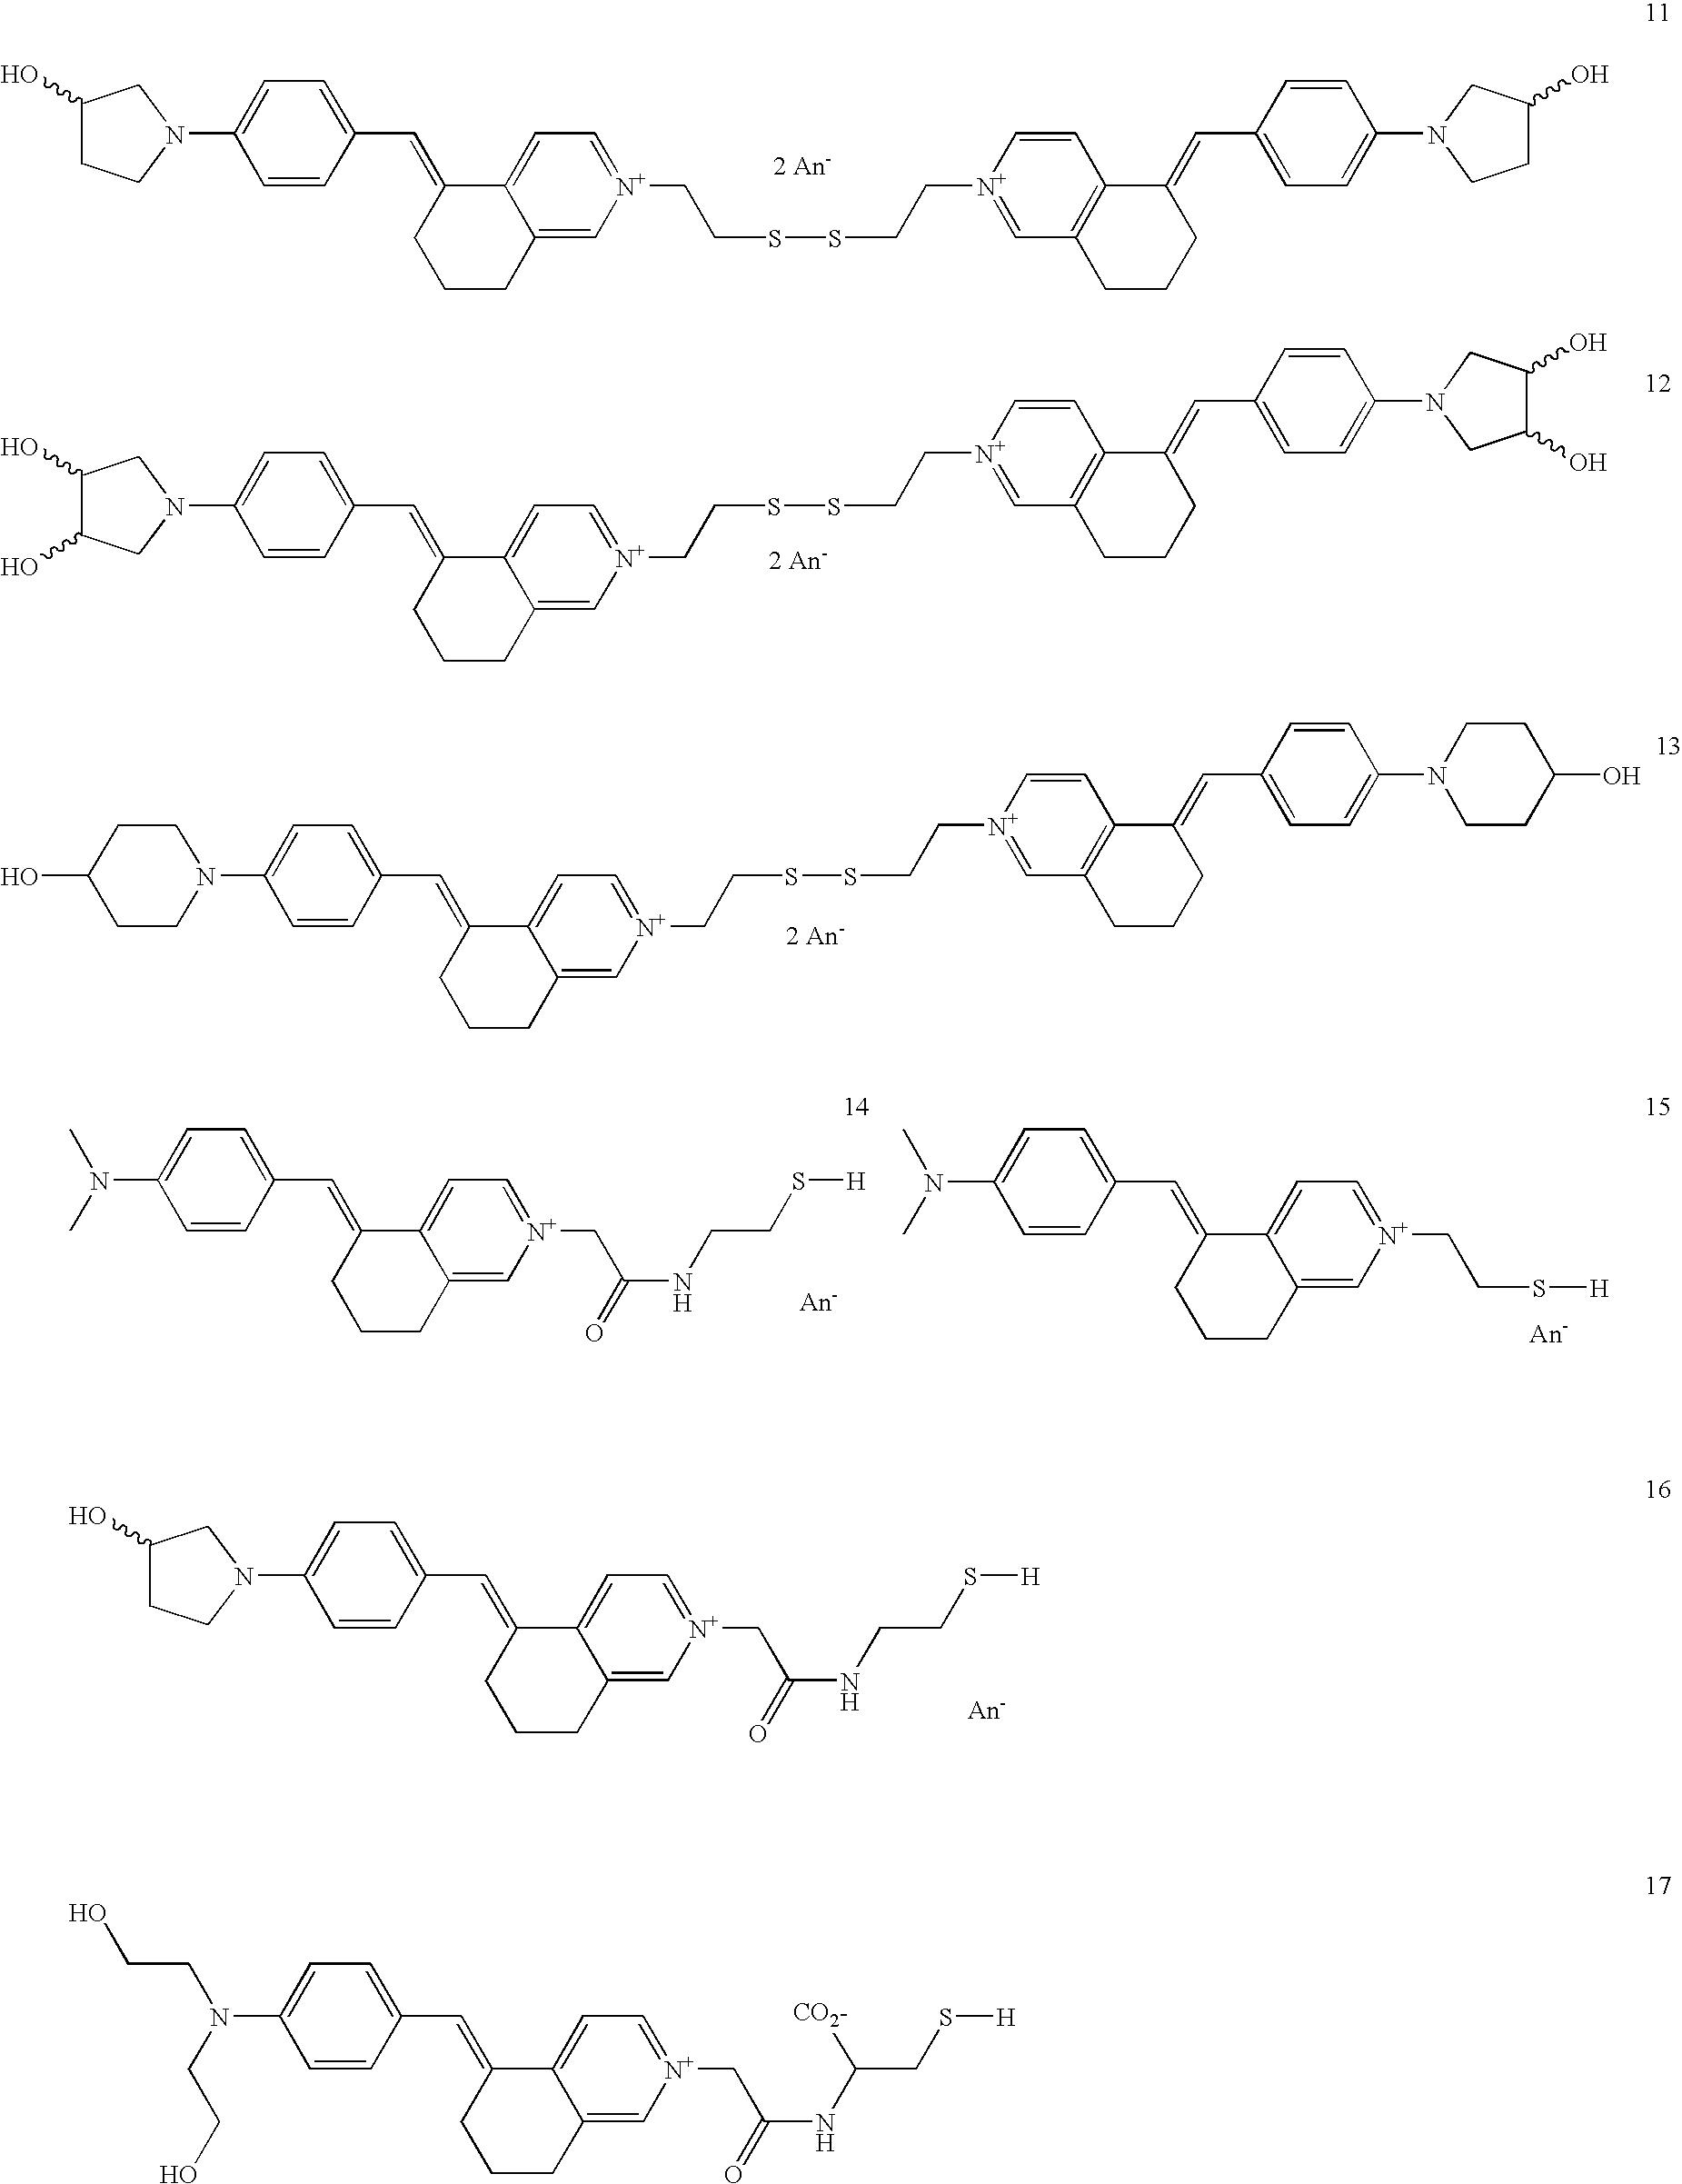 Figure US20090126125A1-20090521-C00010